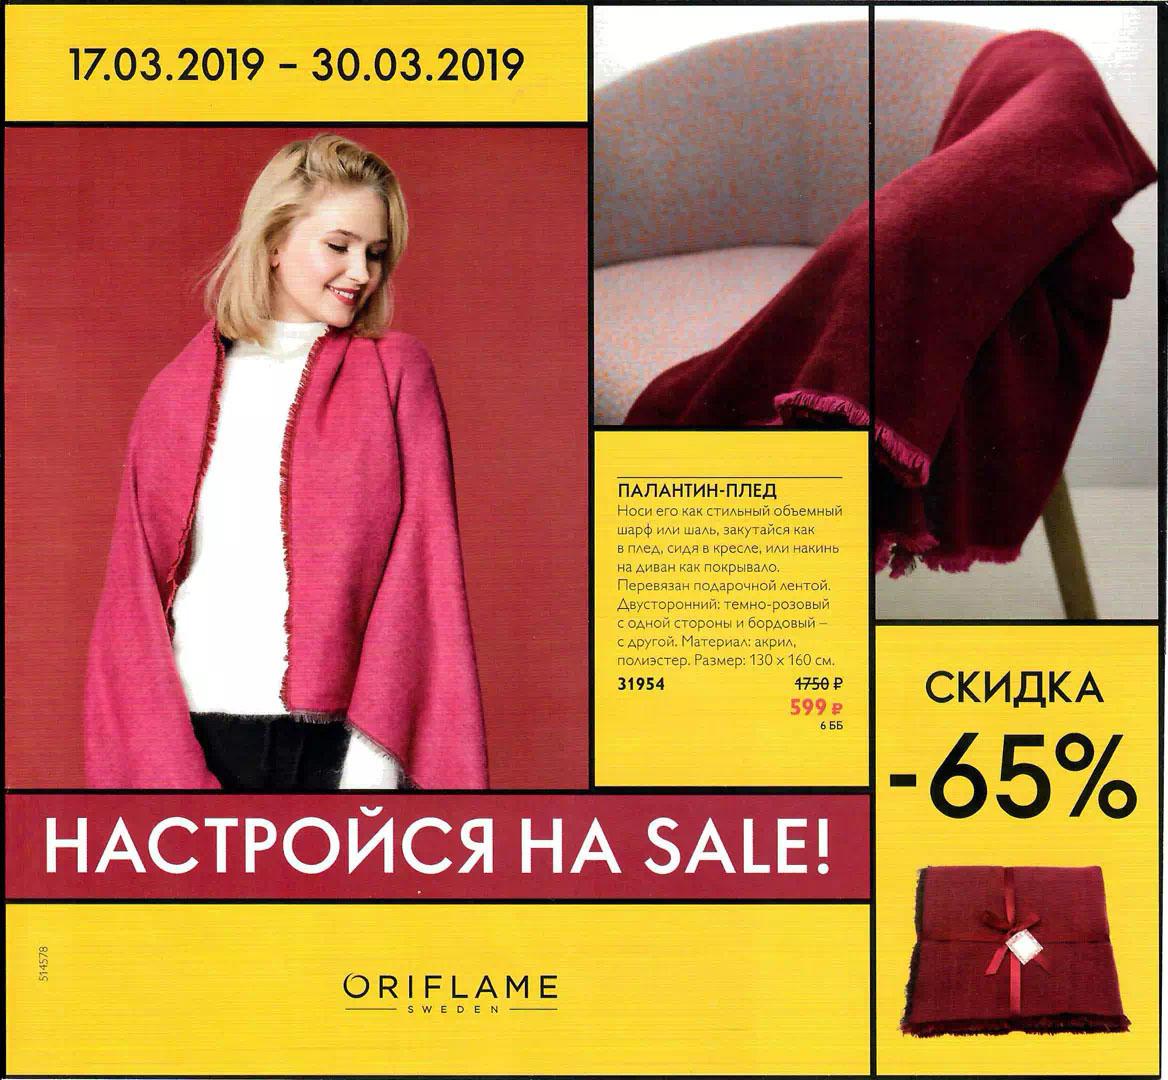 Прайс-лист мини-каталога Орифлэйм Весна 2019 года для России